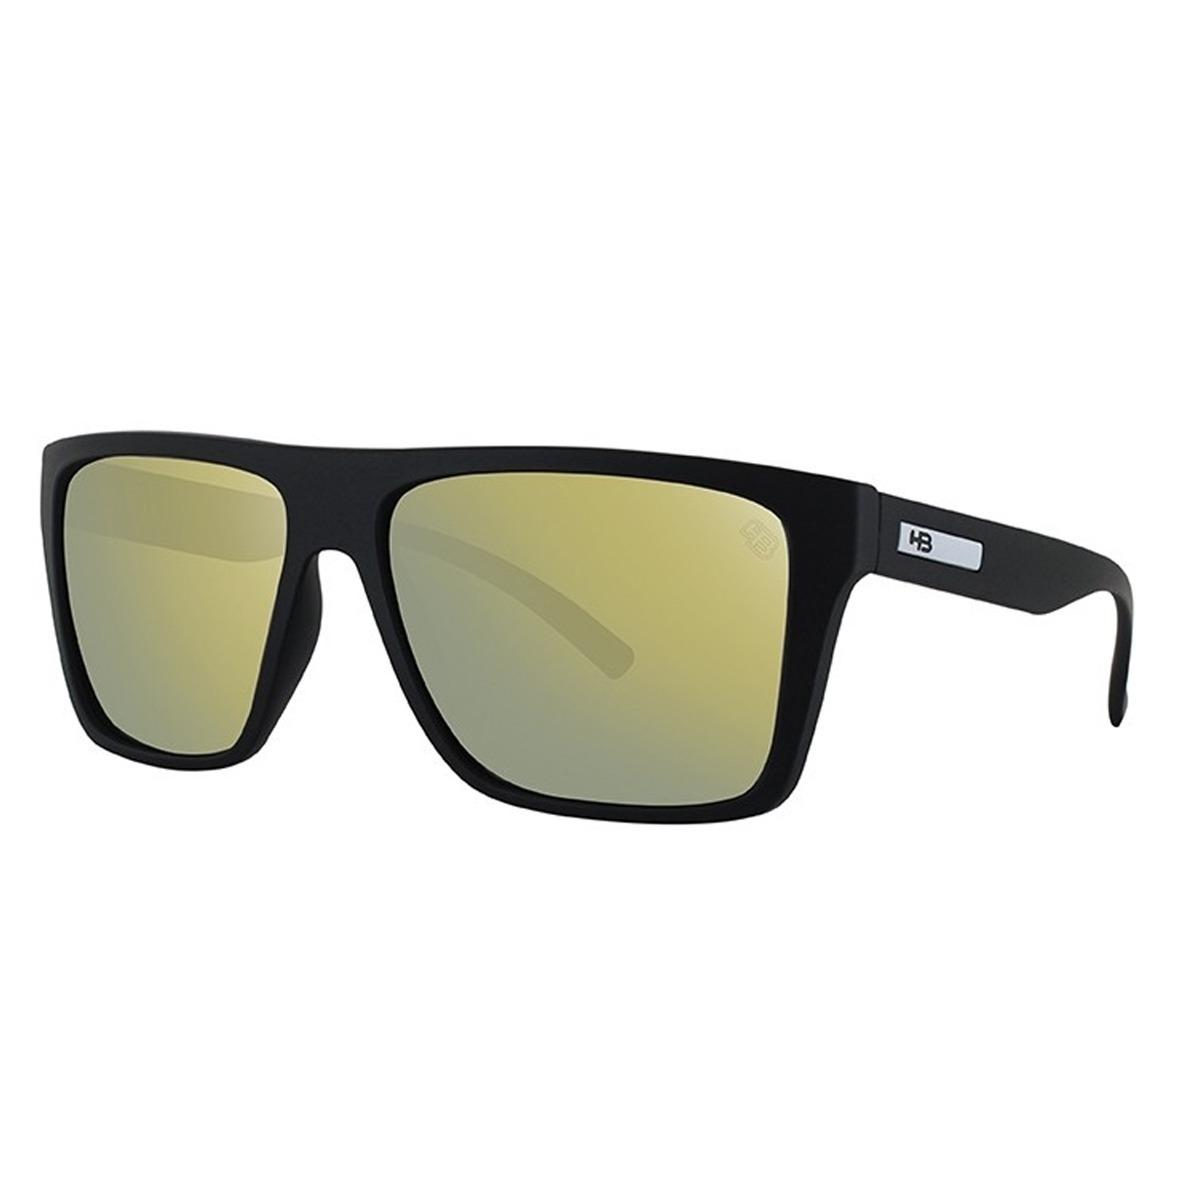 8deb26ef1899b oculos sol espelhado masculino hb floyd preto fosco dourado. Carregando  zoom.